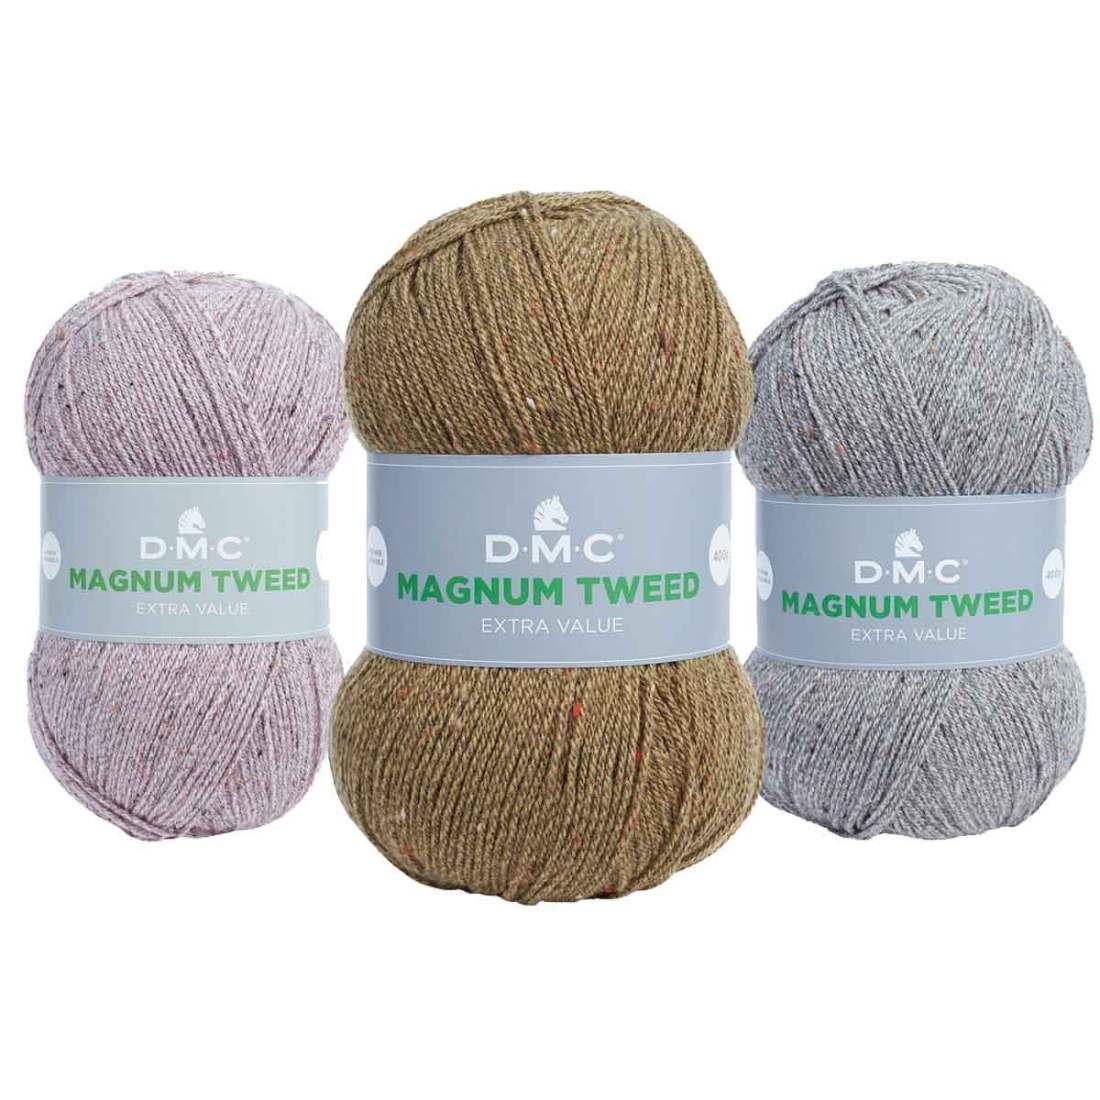 dmc magnum tweed